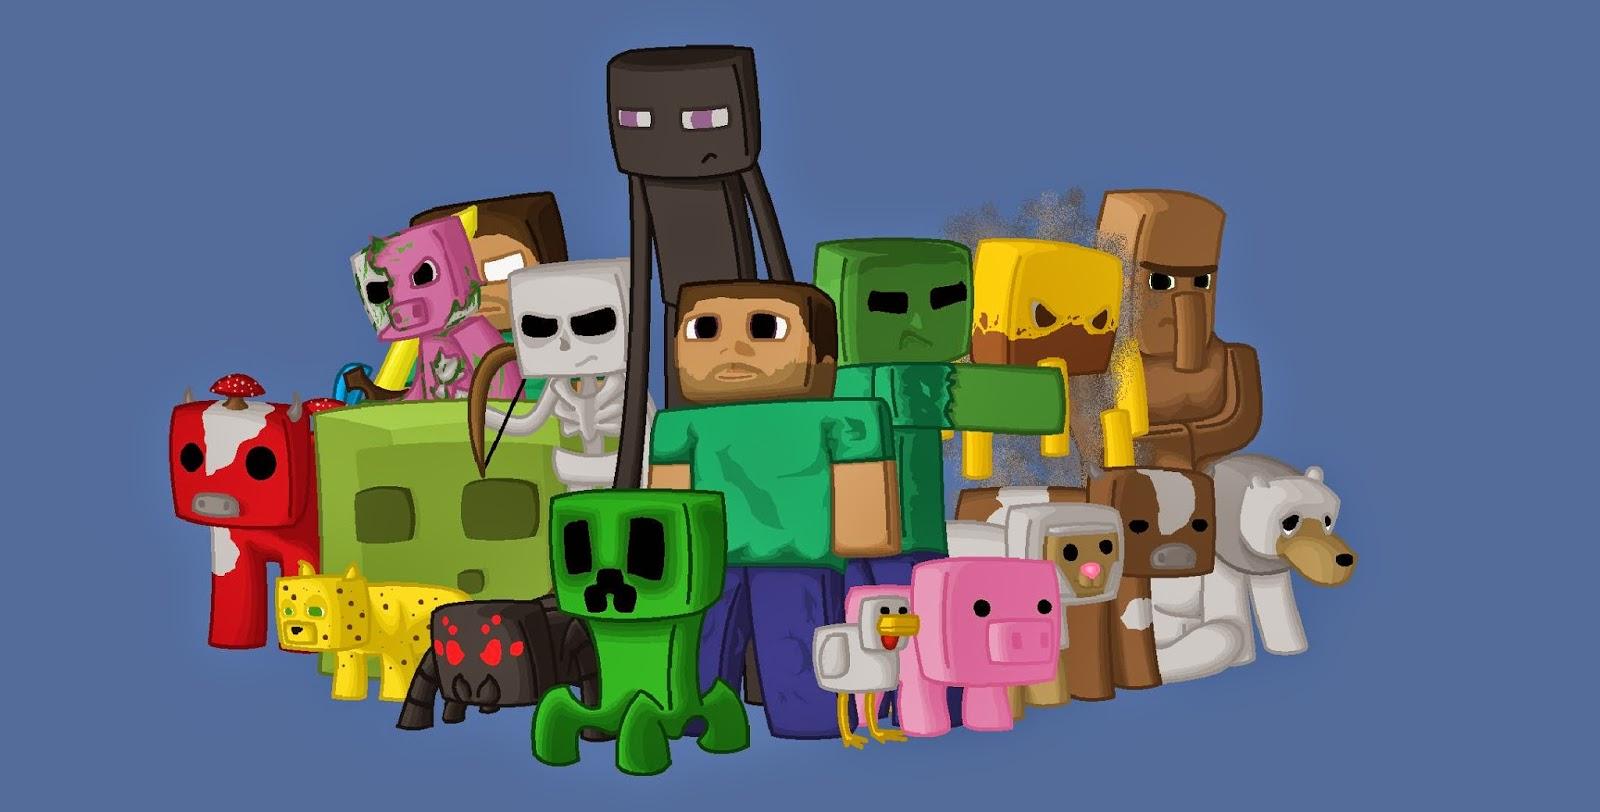 341 Minecraft Fondos de pantalla HD | Fondos de Escritorio